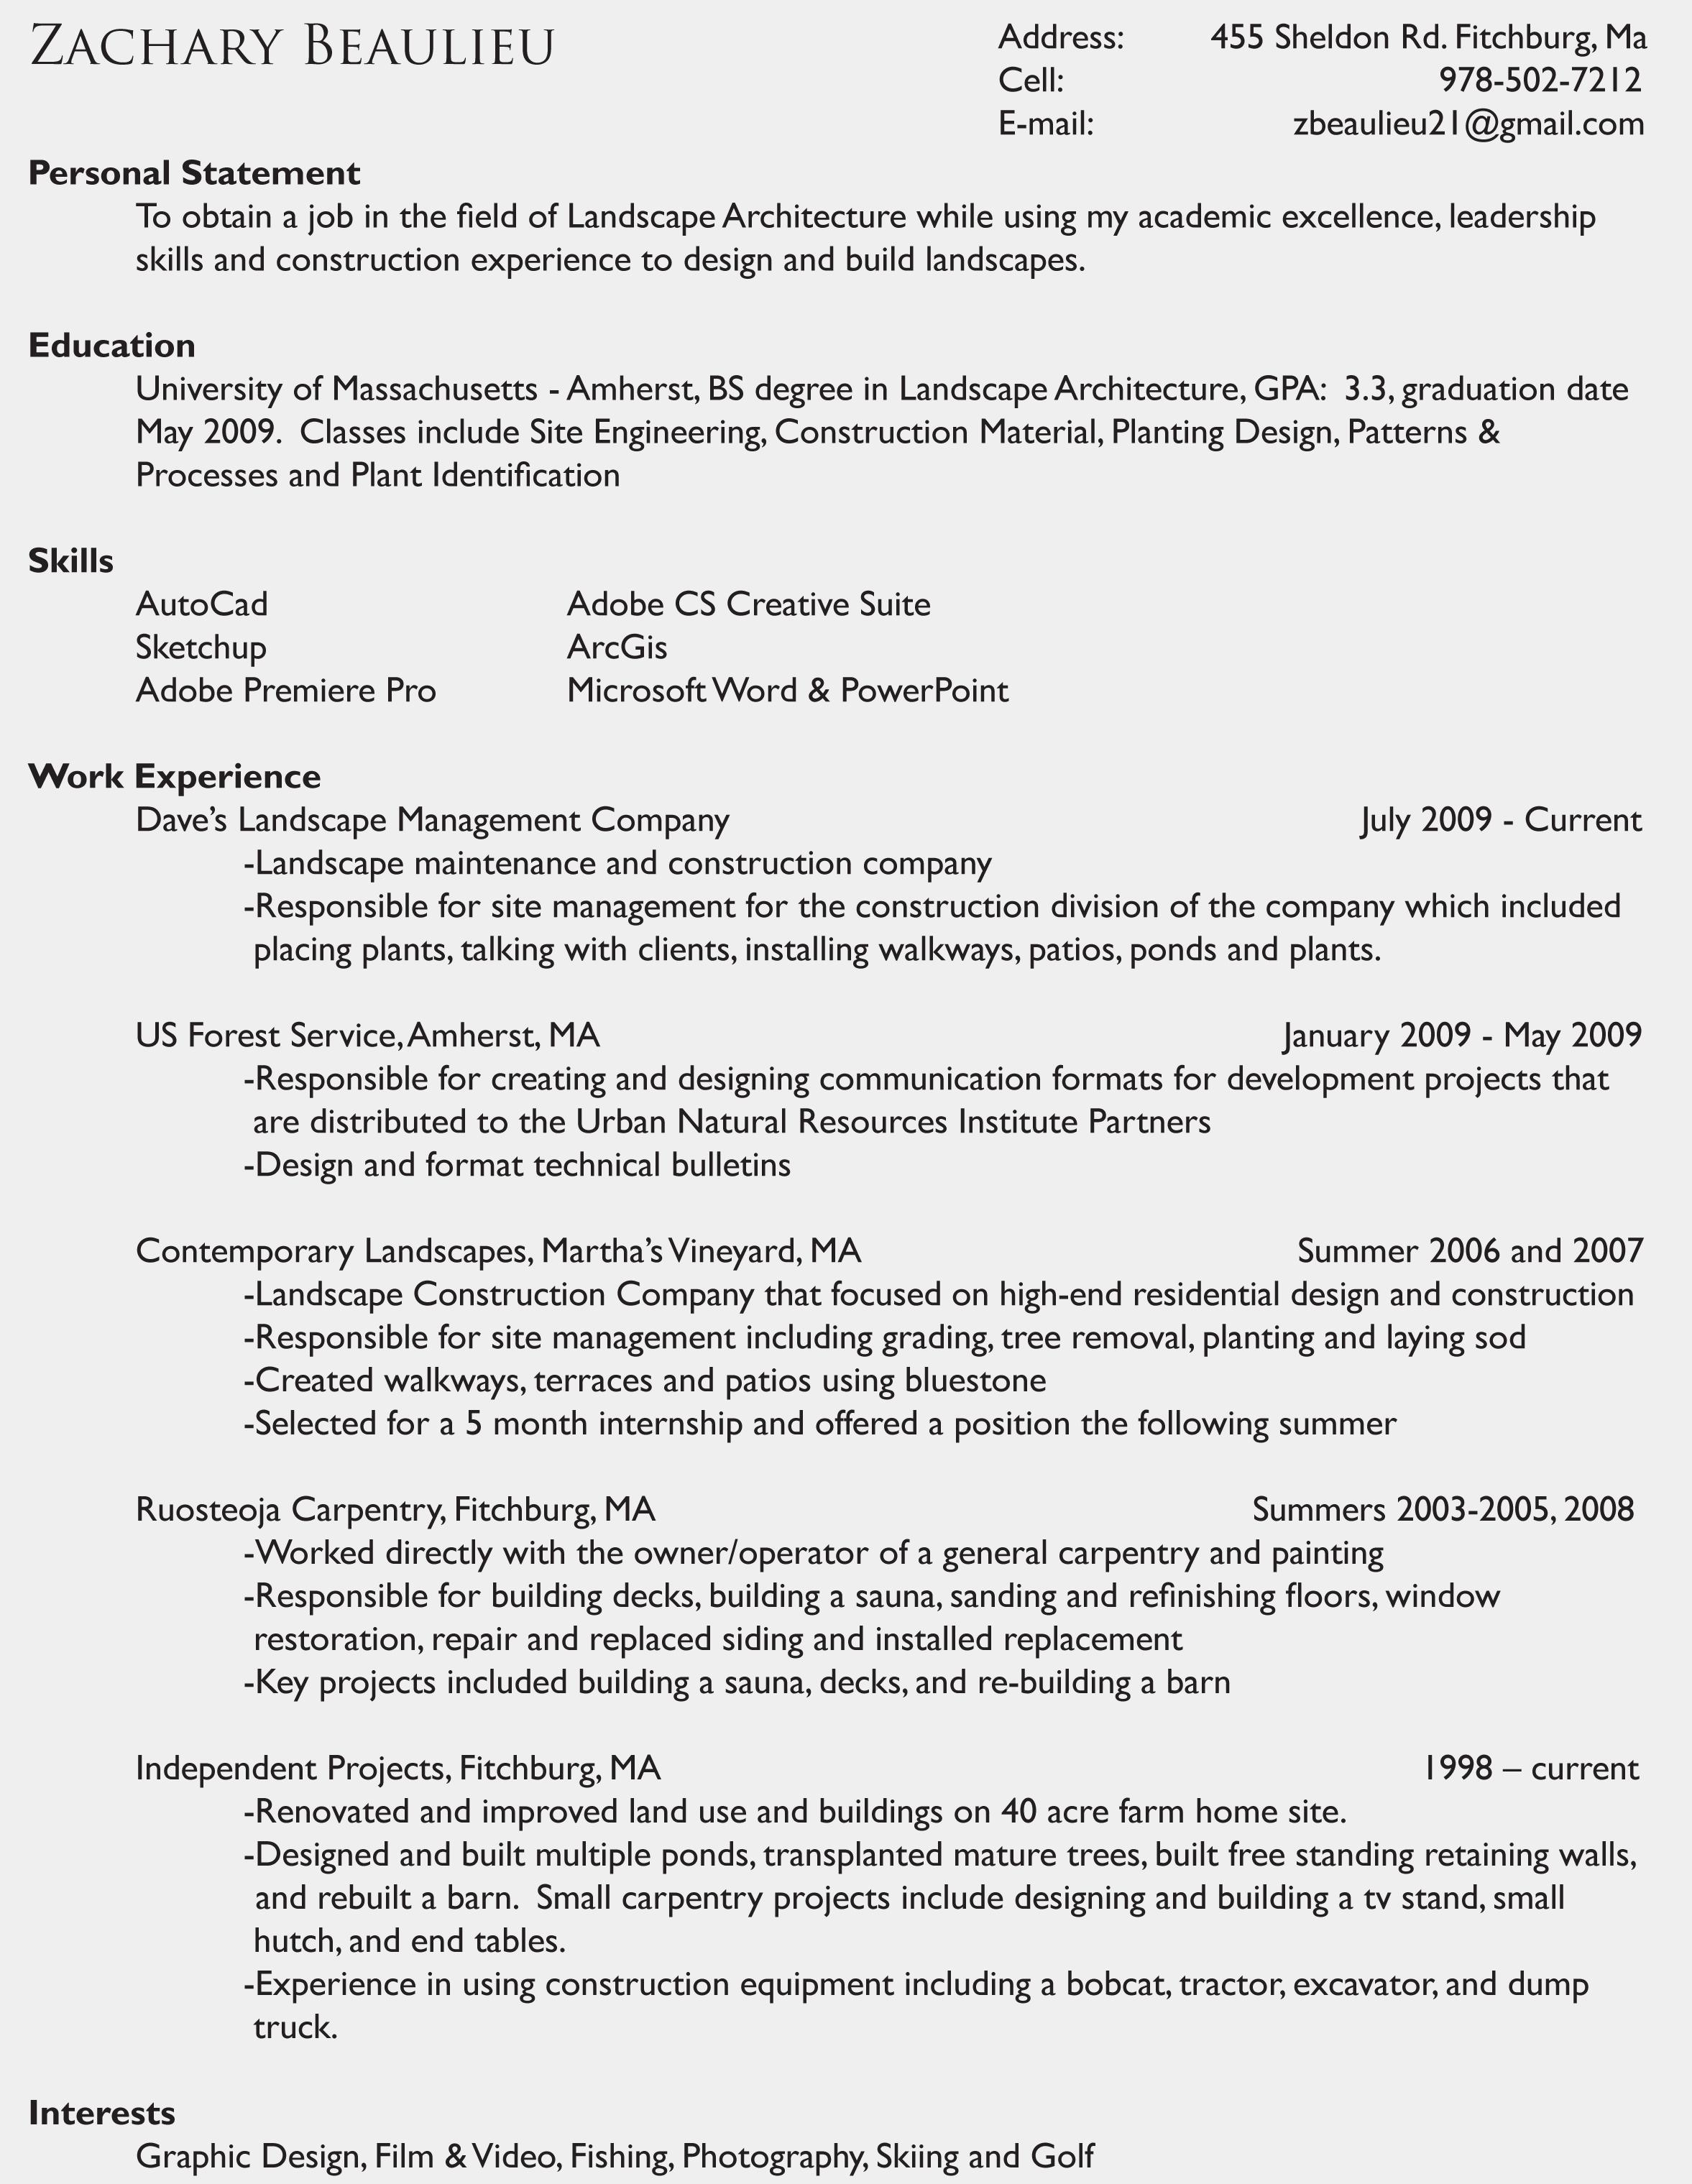 job description sample service crew resume writing example job description sample service crew work description of service crew answers job description examples landscaper job